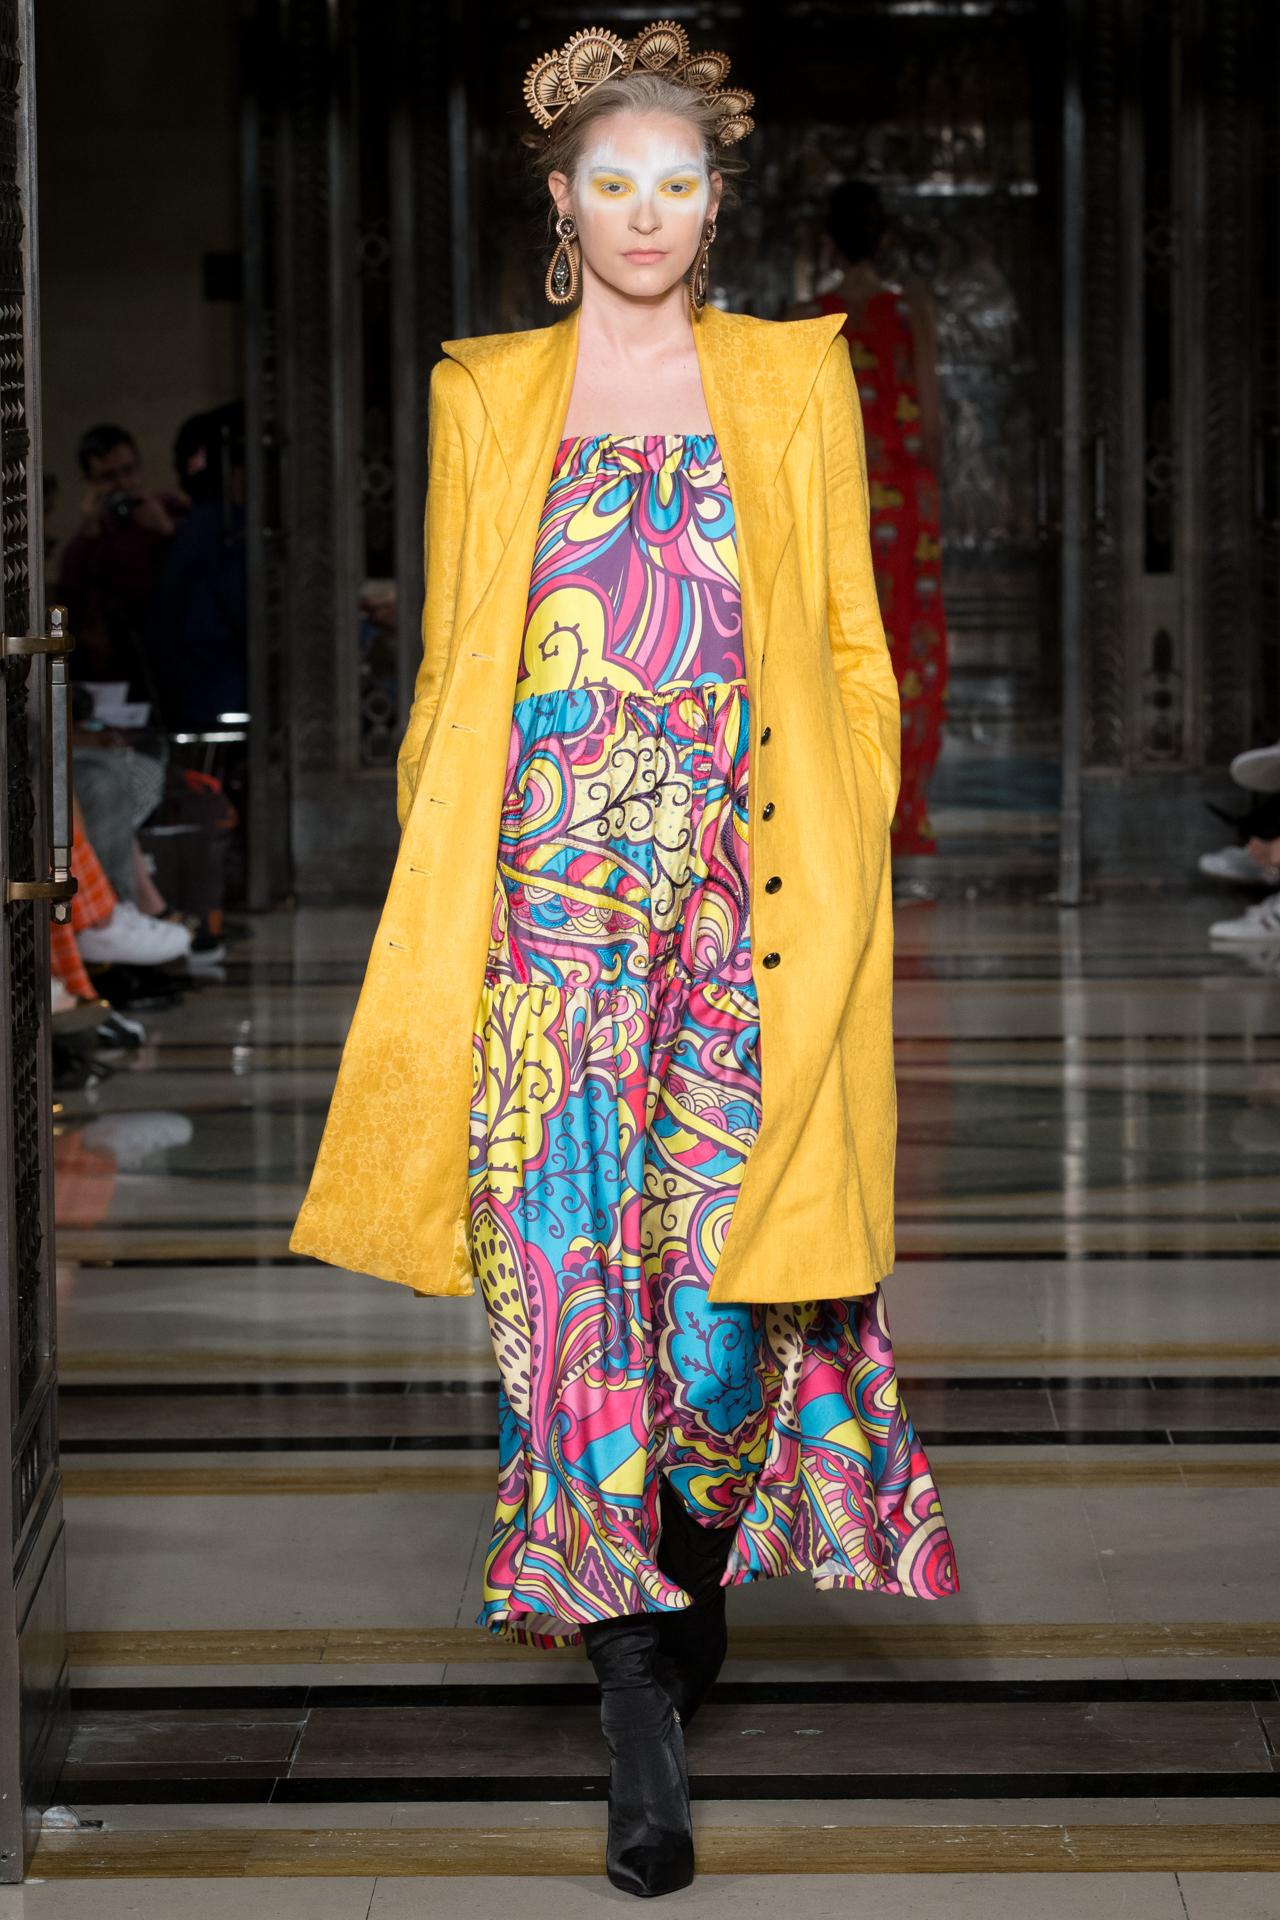 Fashion Designer at London Fashion Week